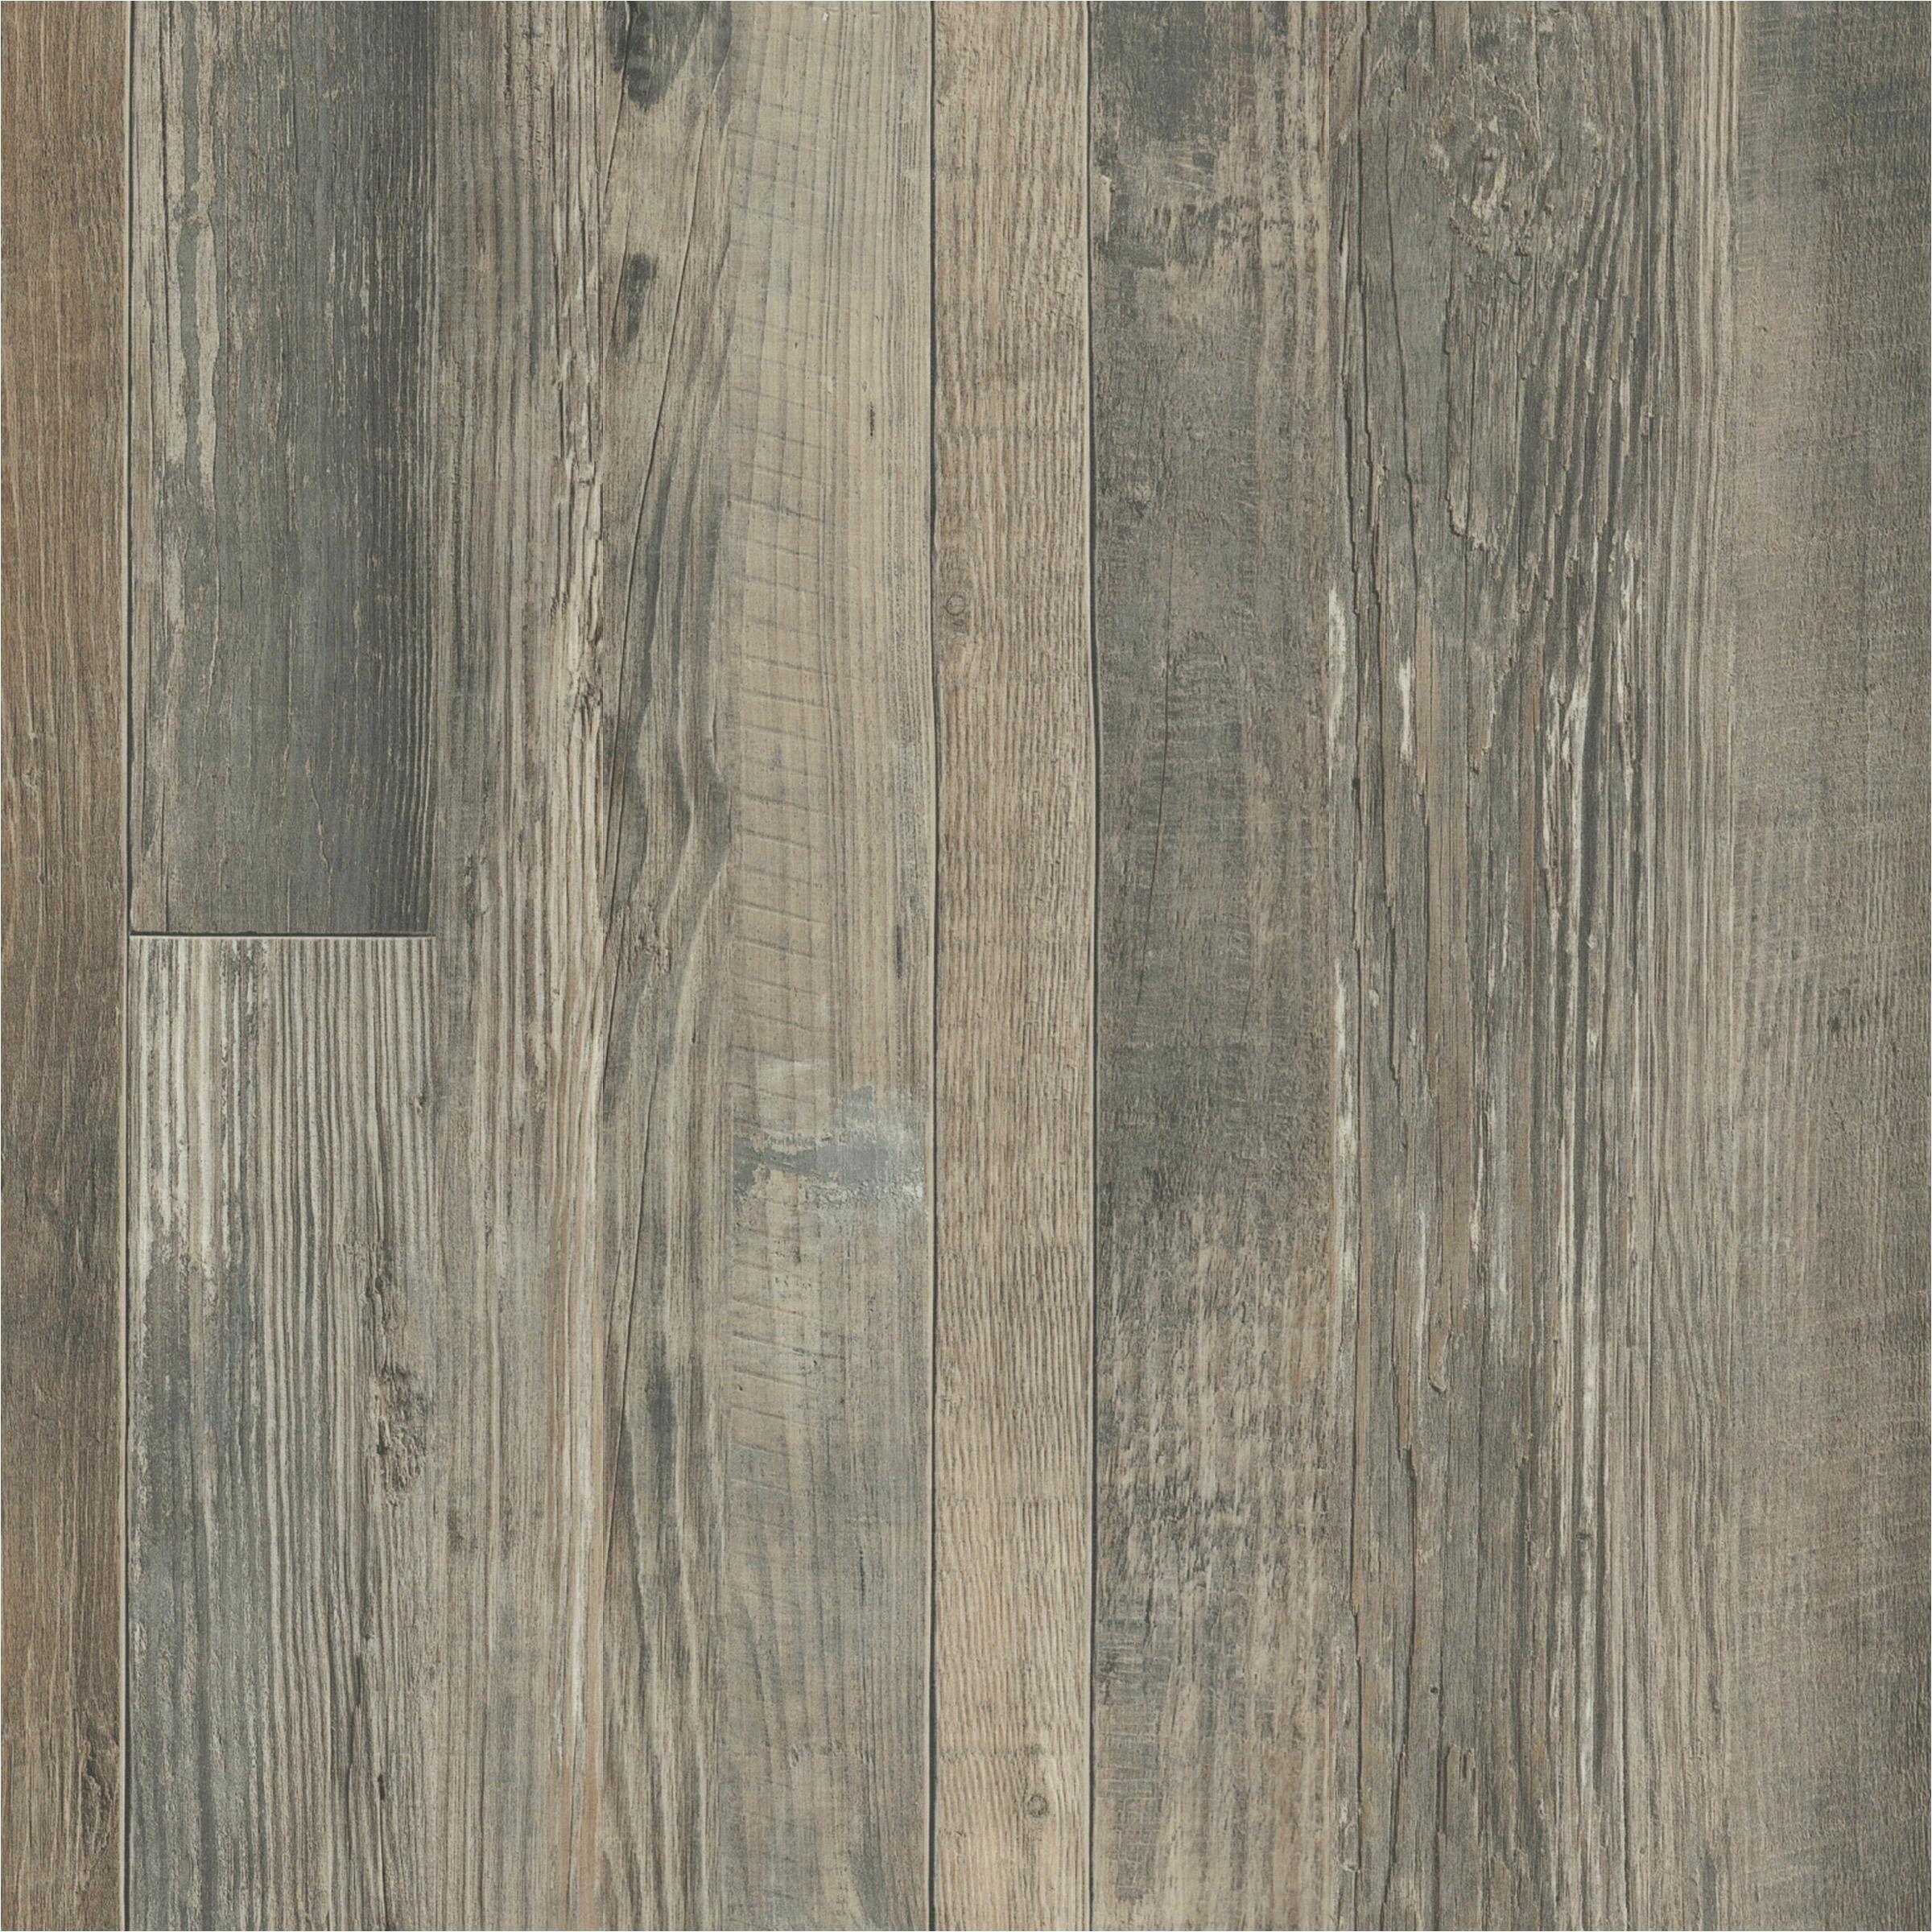 Is Vinyl Wood Flooring Waterproof Supreme Elite Remarkable Series 9 Wide Chateau Oak Waterproof Loose